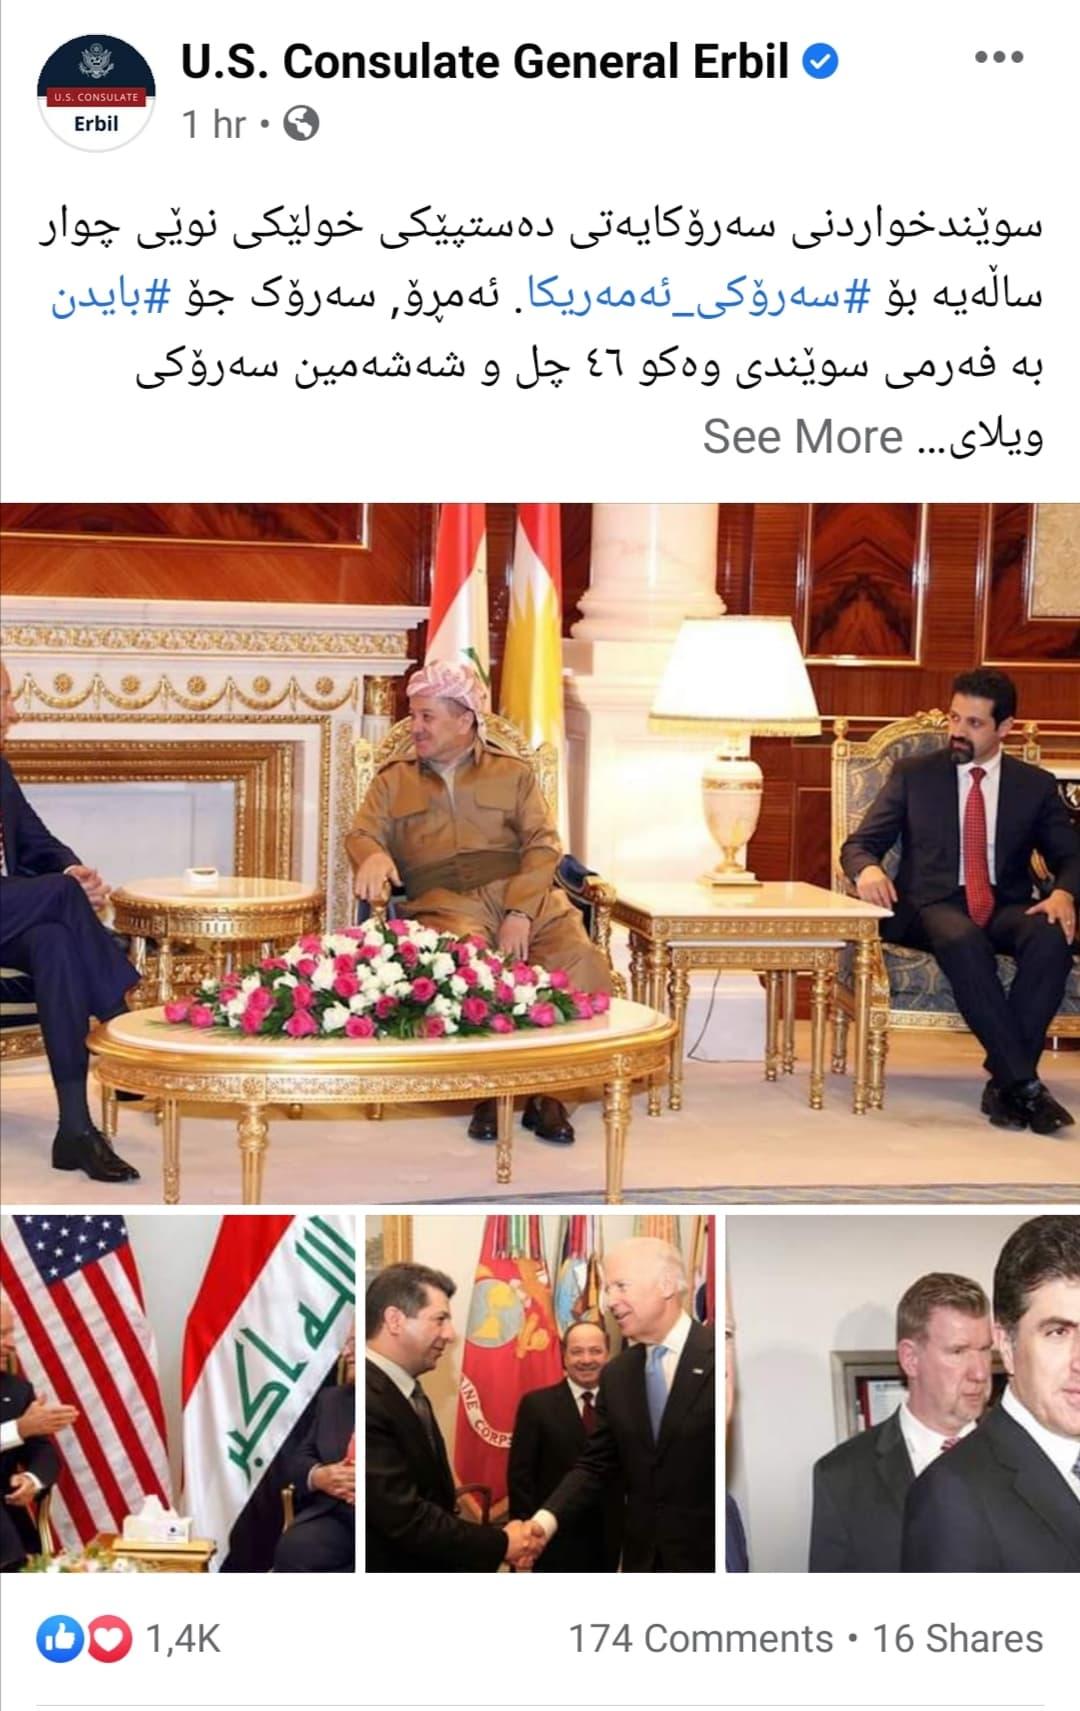 ABD Konsolosluğu, yeni Başkan Joe Biden'a ilişkin ilk haberinde Başkan Mesud Barzani ile olan fotoğrafı paylaştı